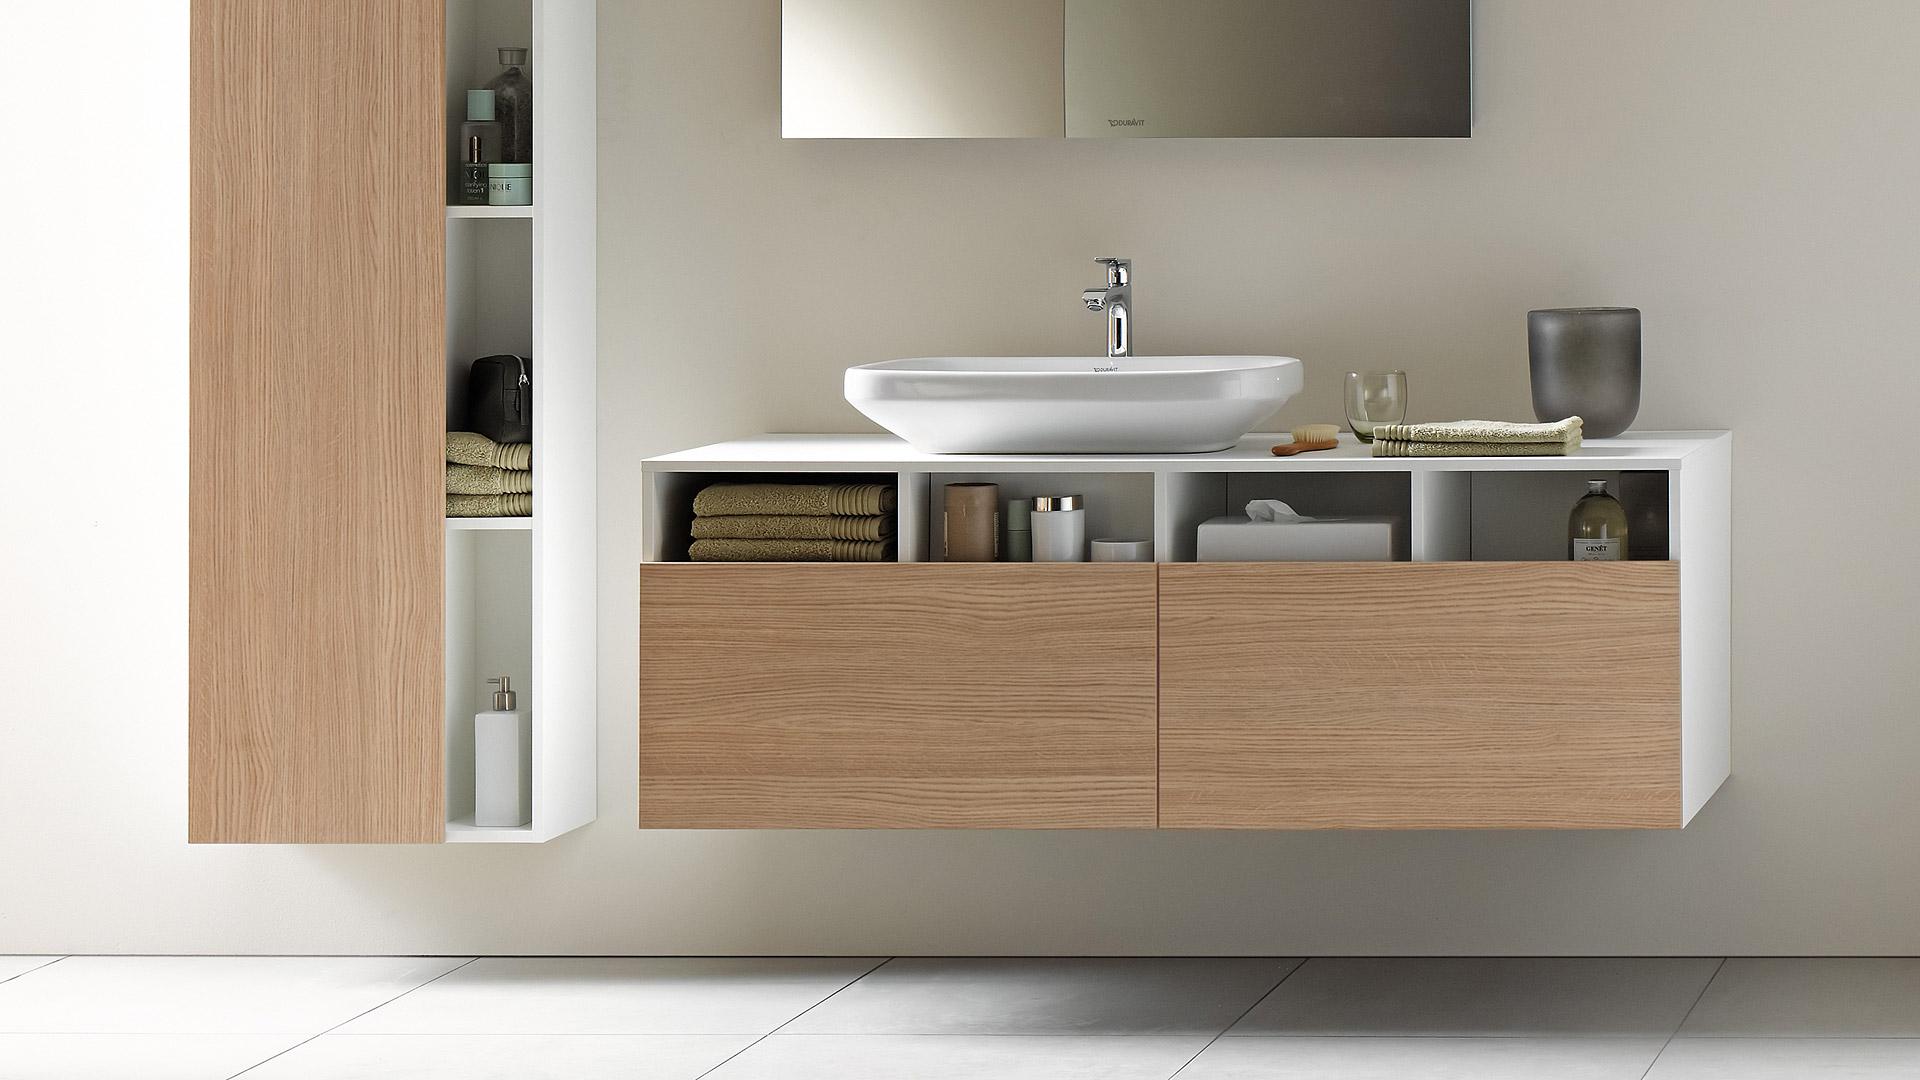 Badkamer Meubel Duravit : Duravit durastyle: wastafels toiletten & meer duravit